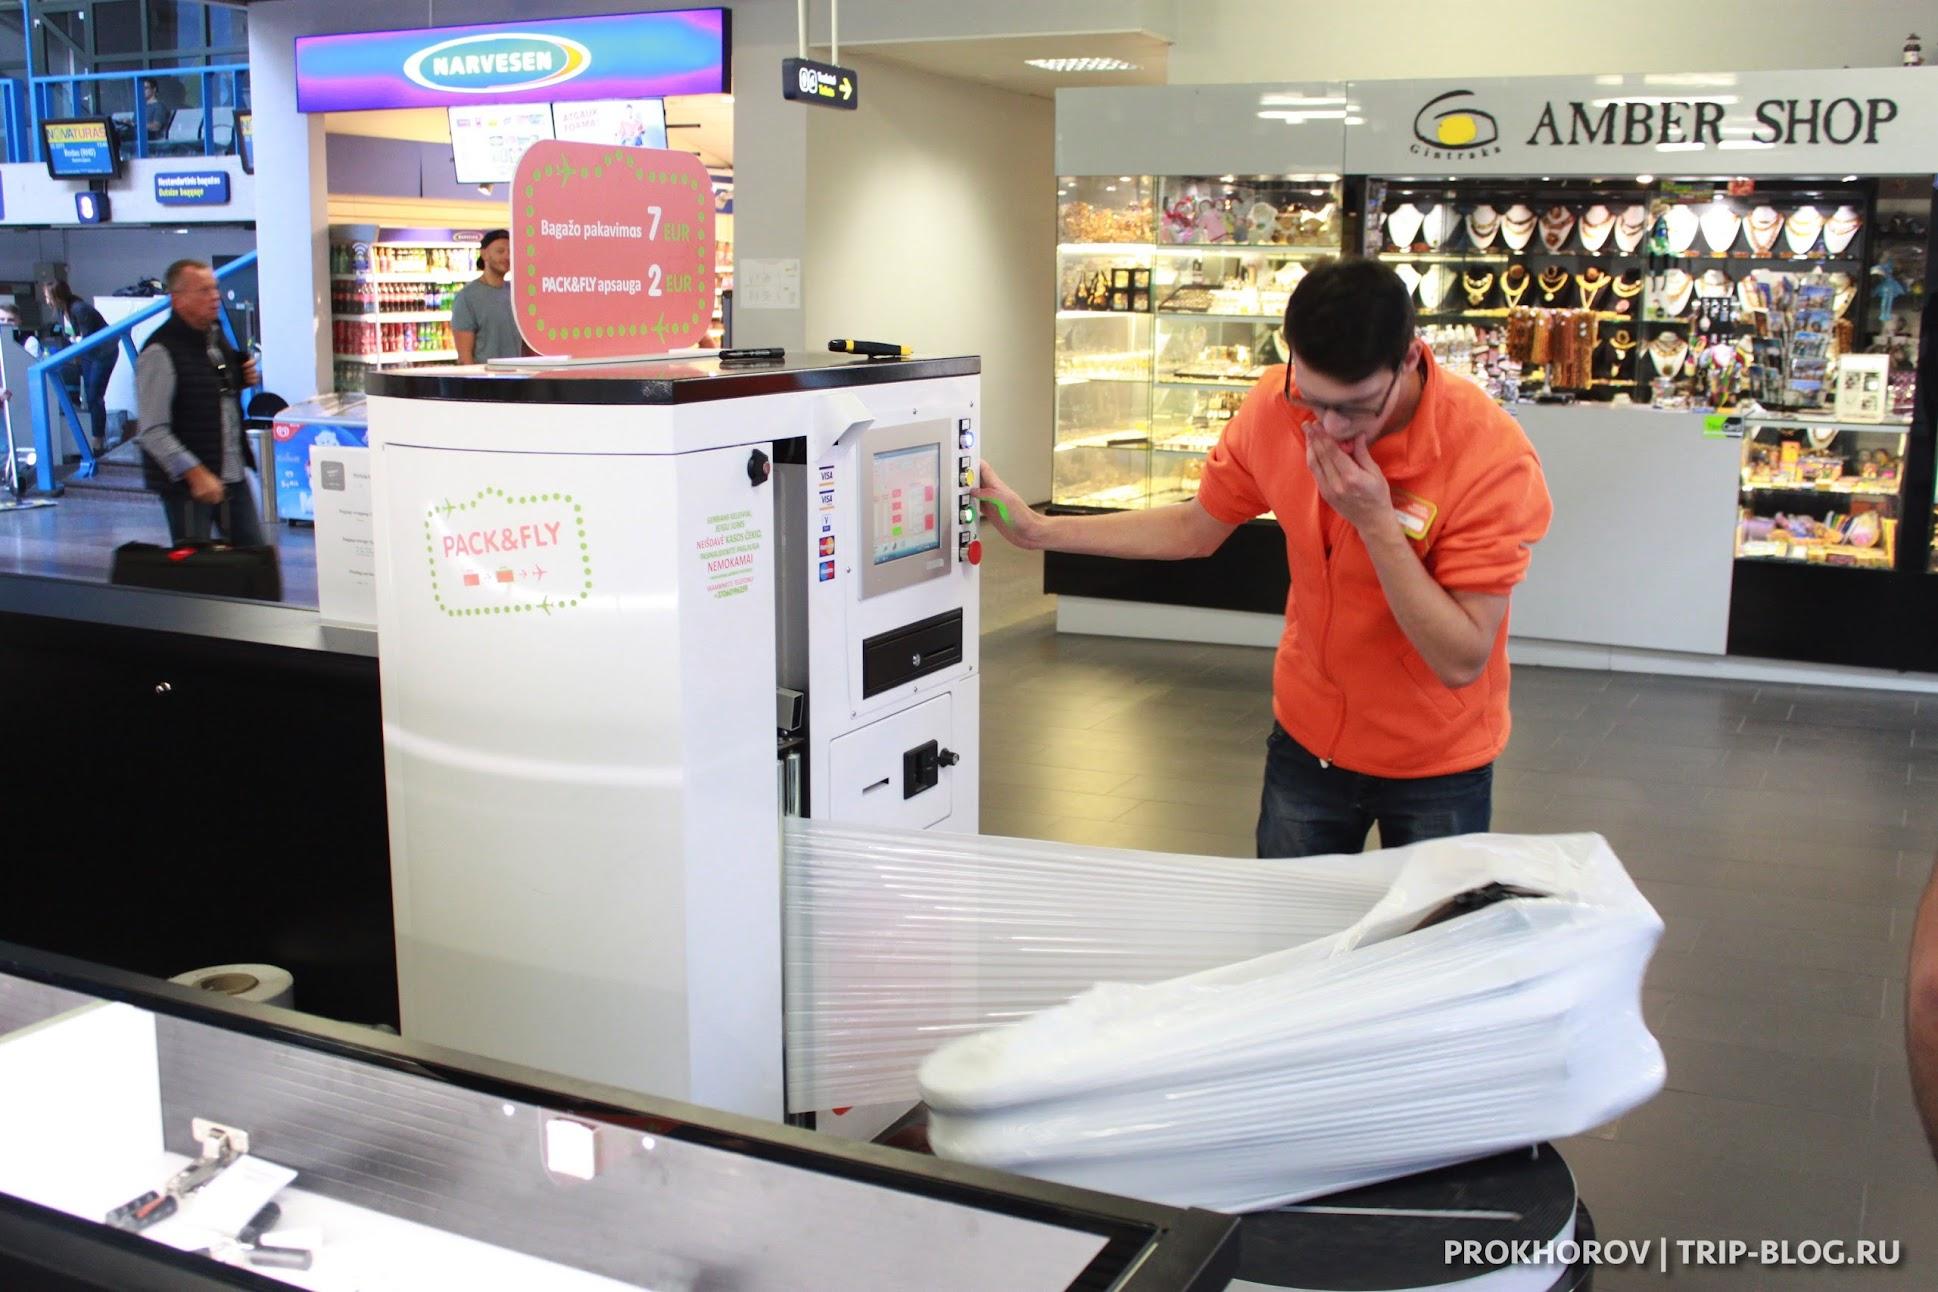 Упаковка багажа Pack&Fly в аэропорту Вильнюса